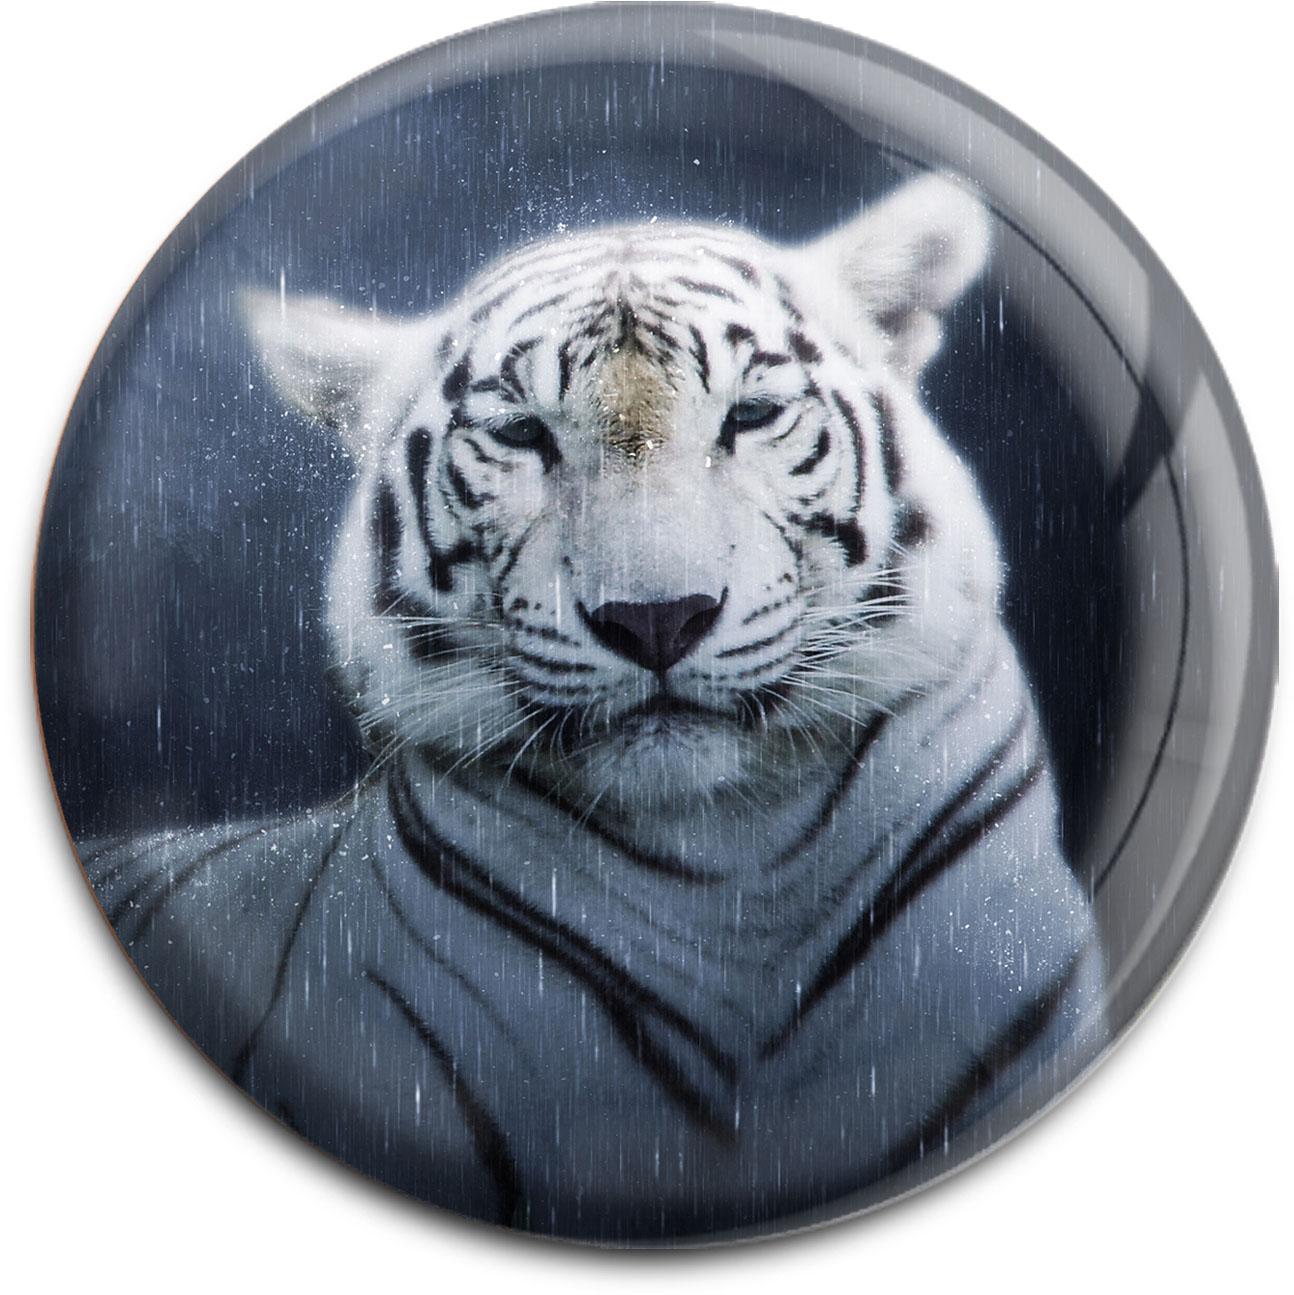 Magnet / Kühlschrankmagnet / Tiger / Raubtiere / Wildkatzen